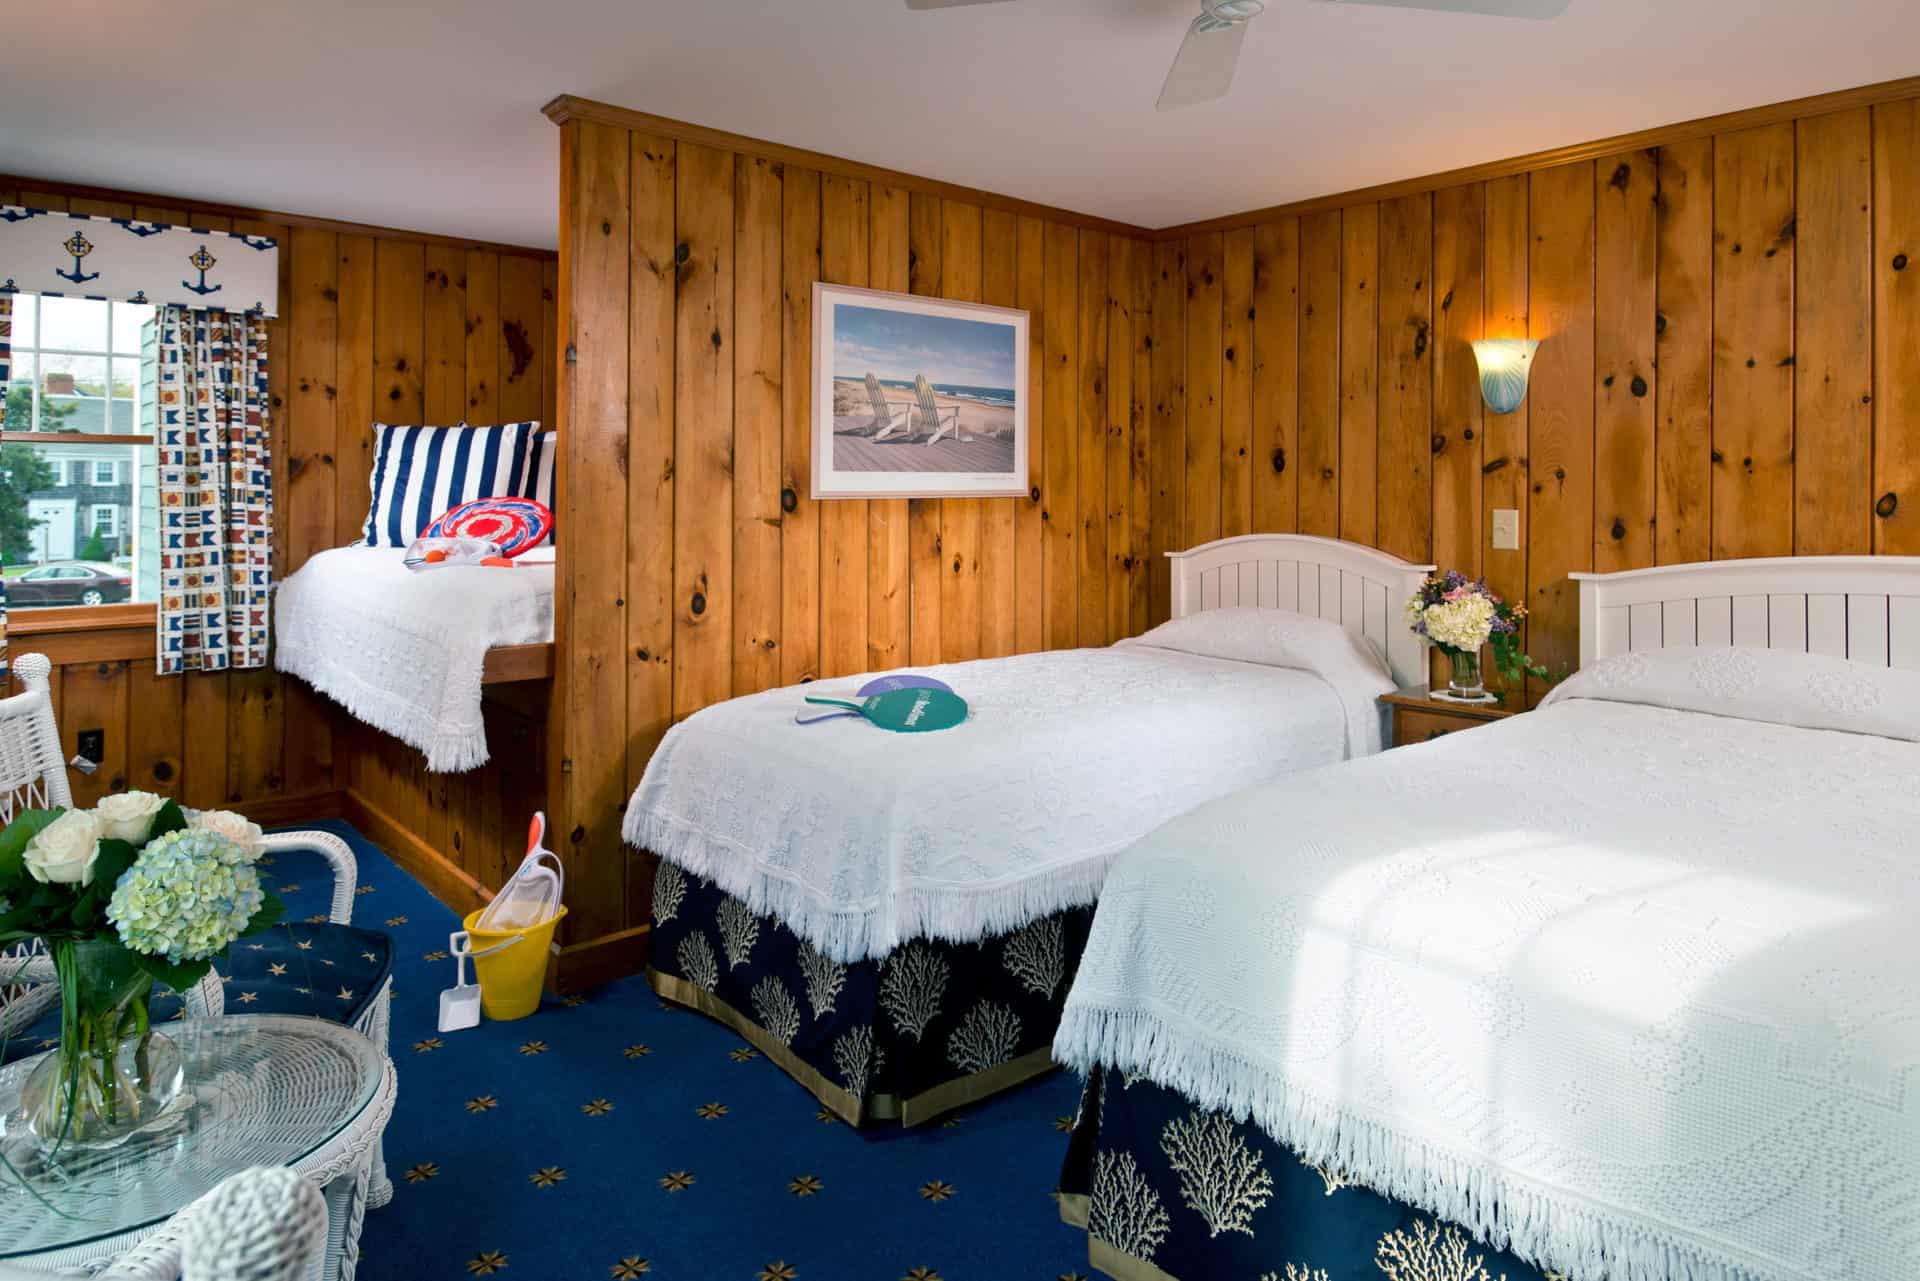 Room 16 2 beds